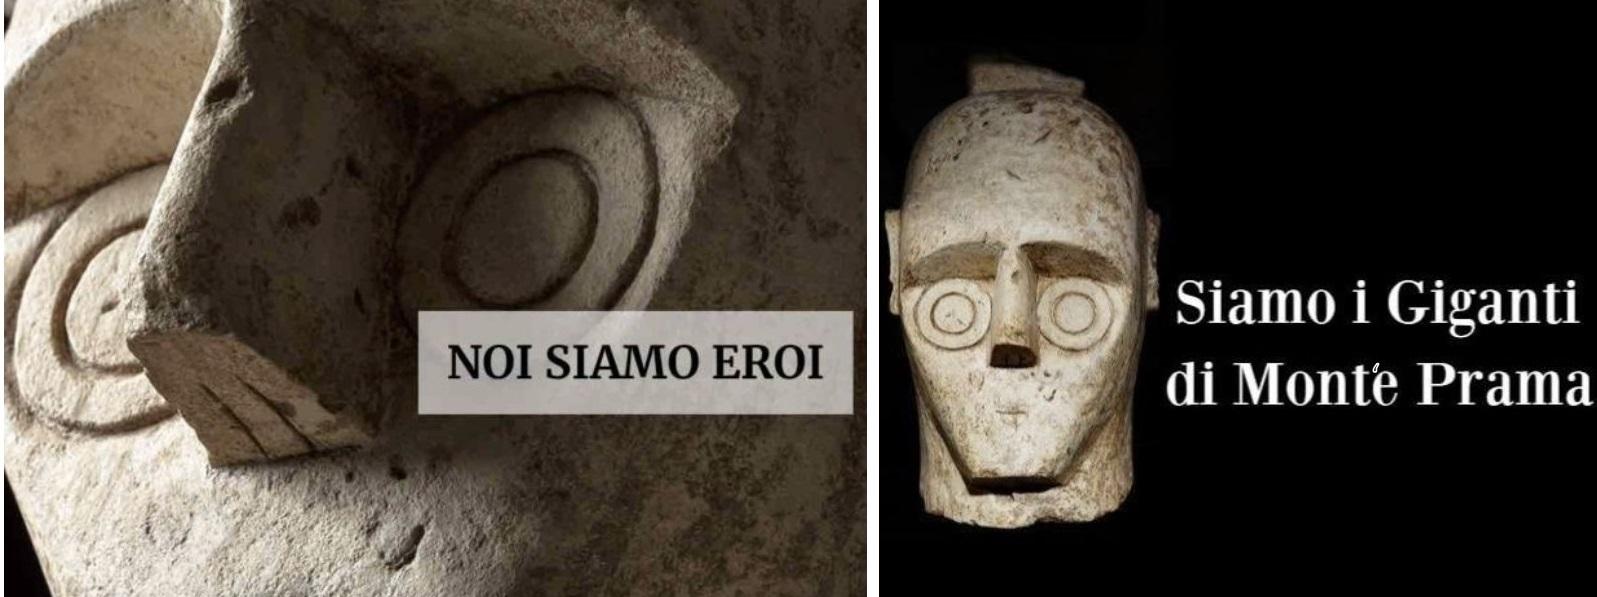 Eroi o Giganti?: l'intervista aperta sulla lunga polemica delle statue dei guerrieri di Mont'e Prama